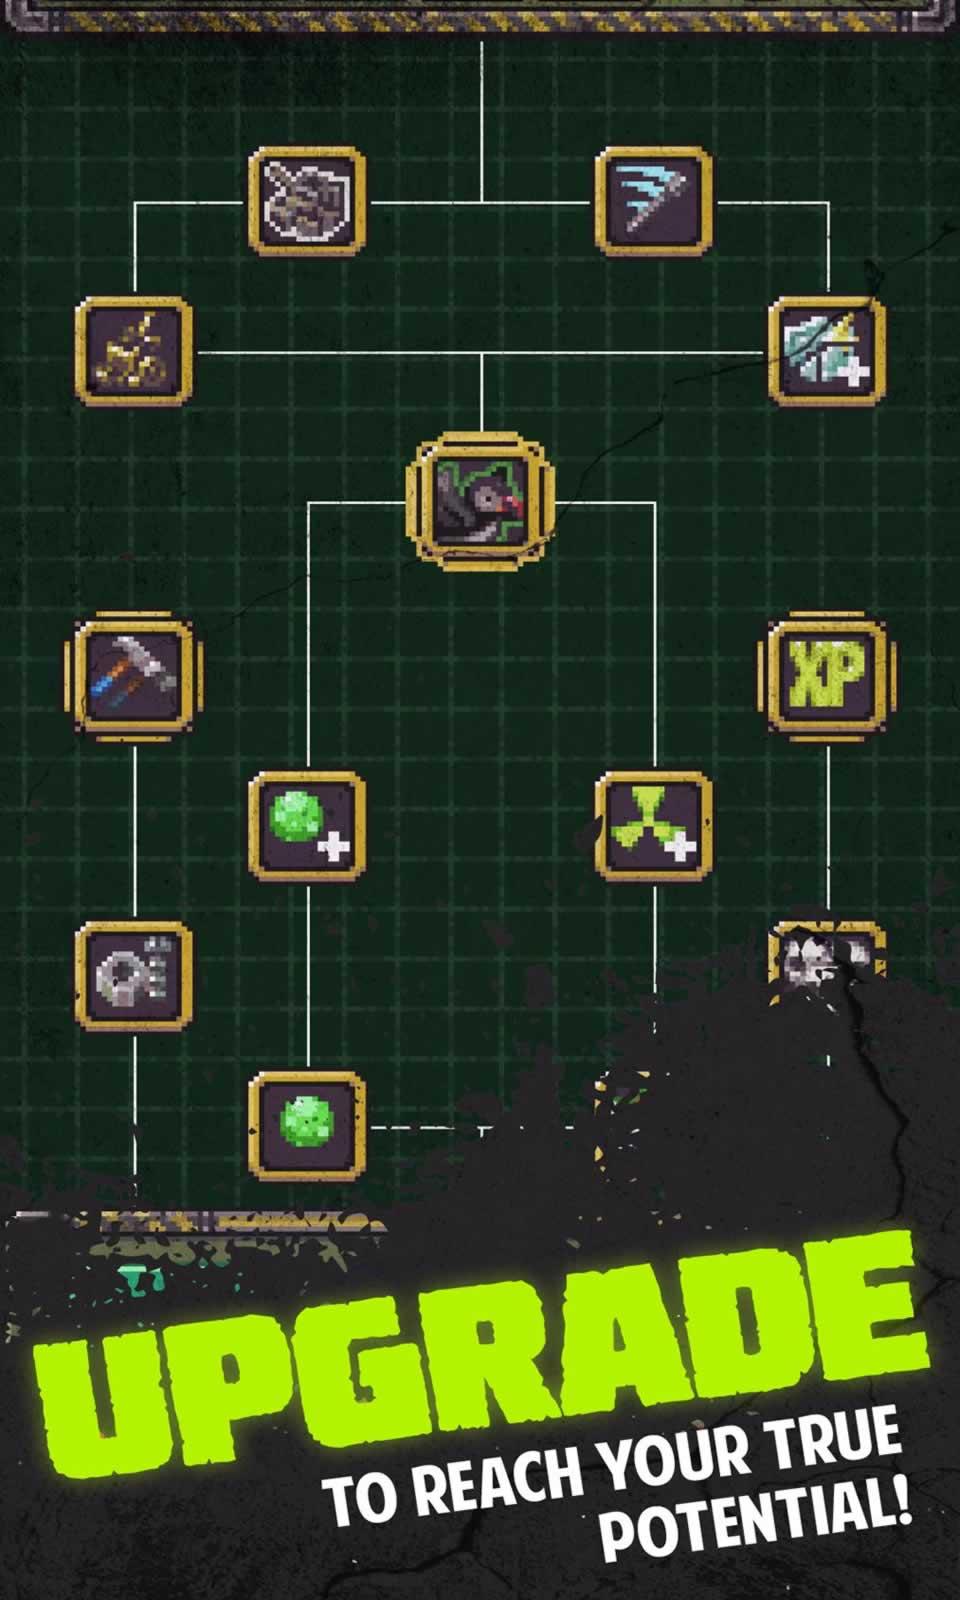 荒地生存破解版游戏截图